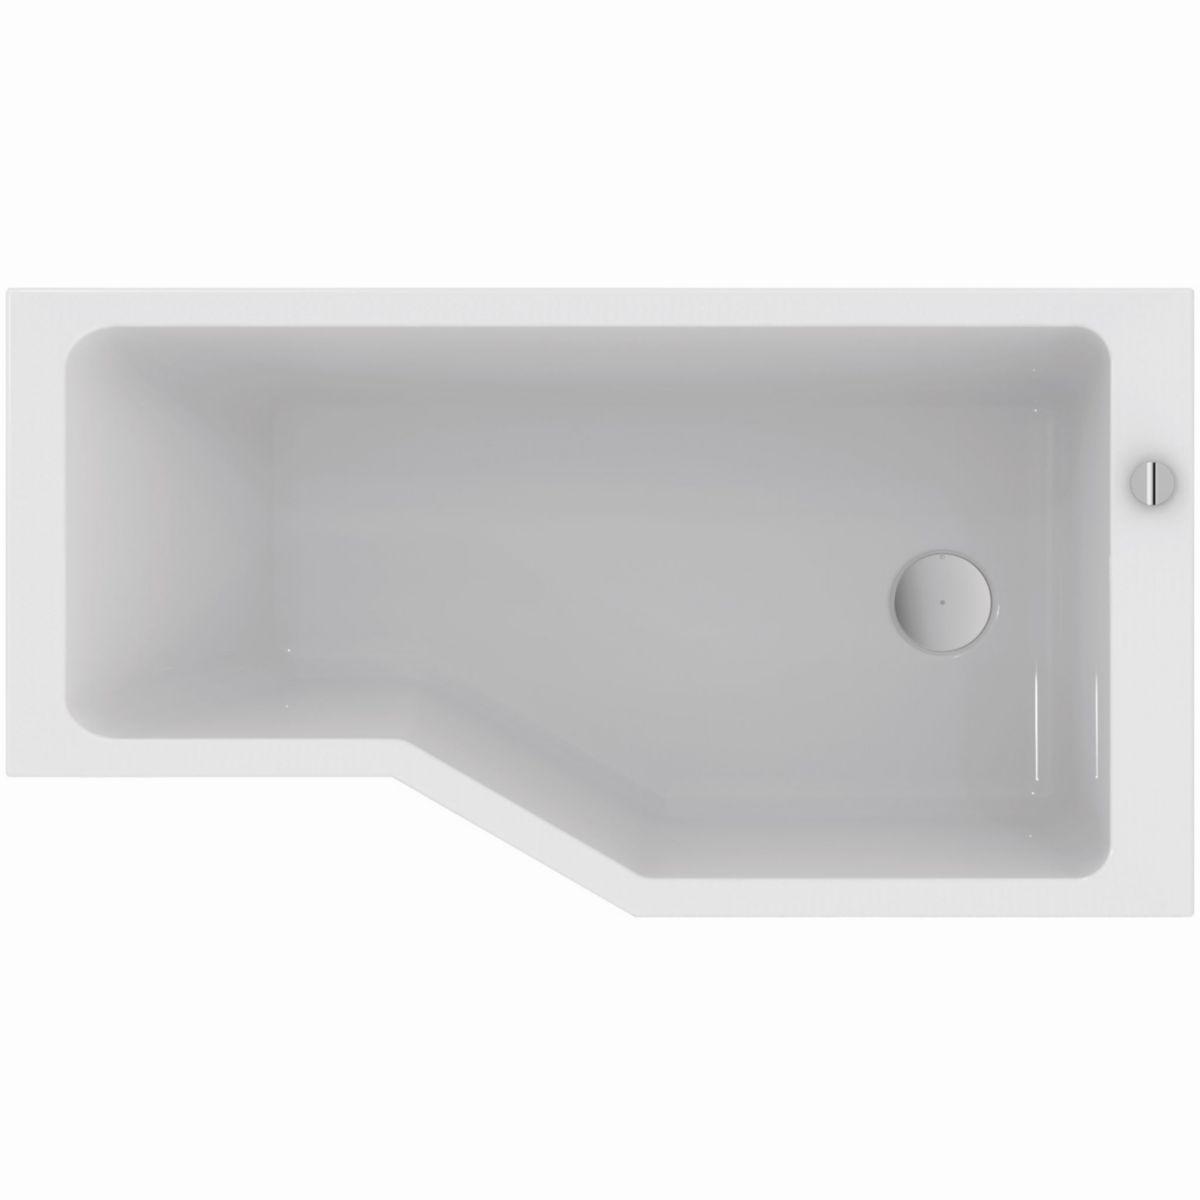 baignoire asymetrique plenitude 3 170 90 70 cm droite acrylique blanc vidage inclus